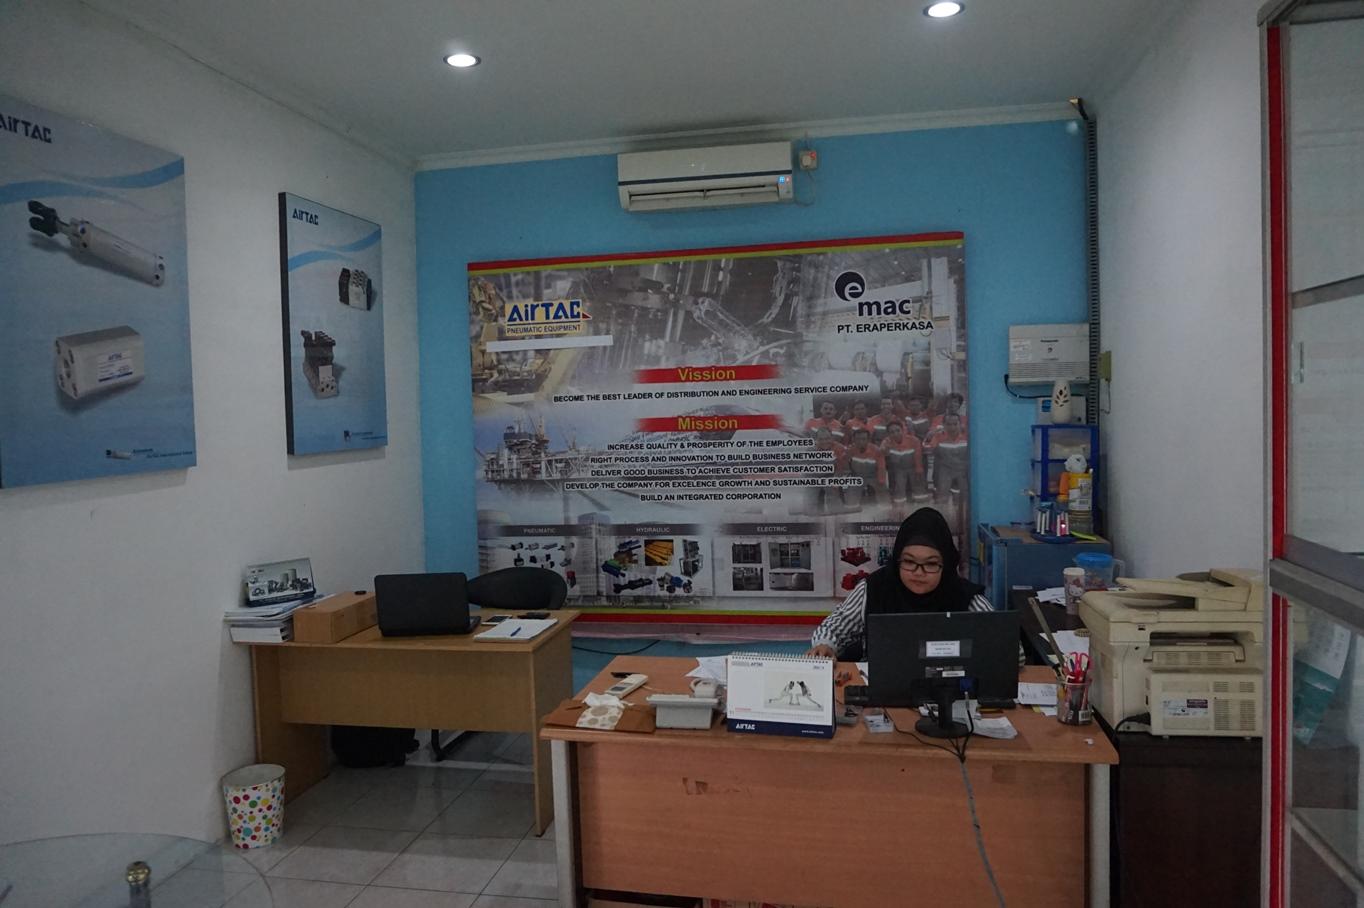 Kantor Era Perkasa Semarang (depan)